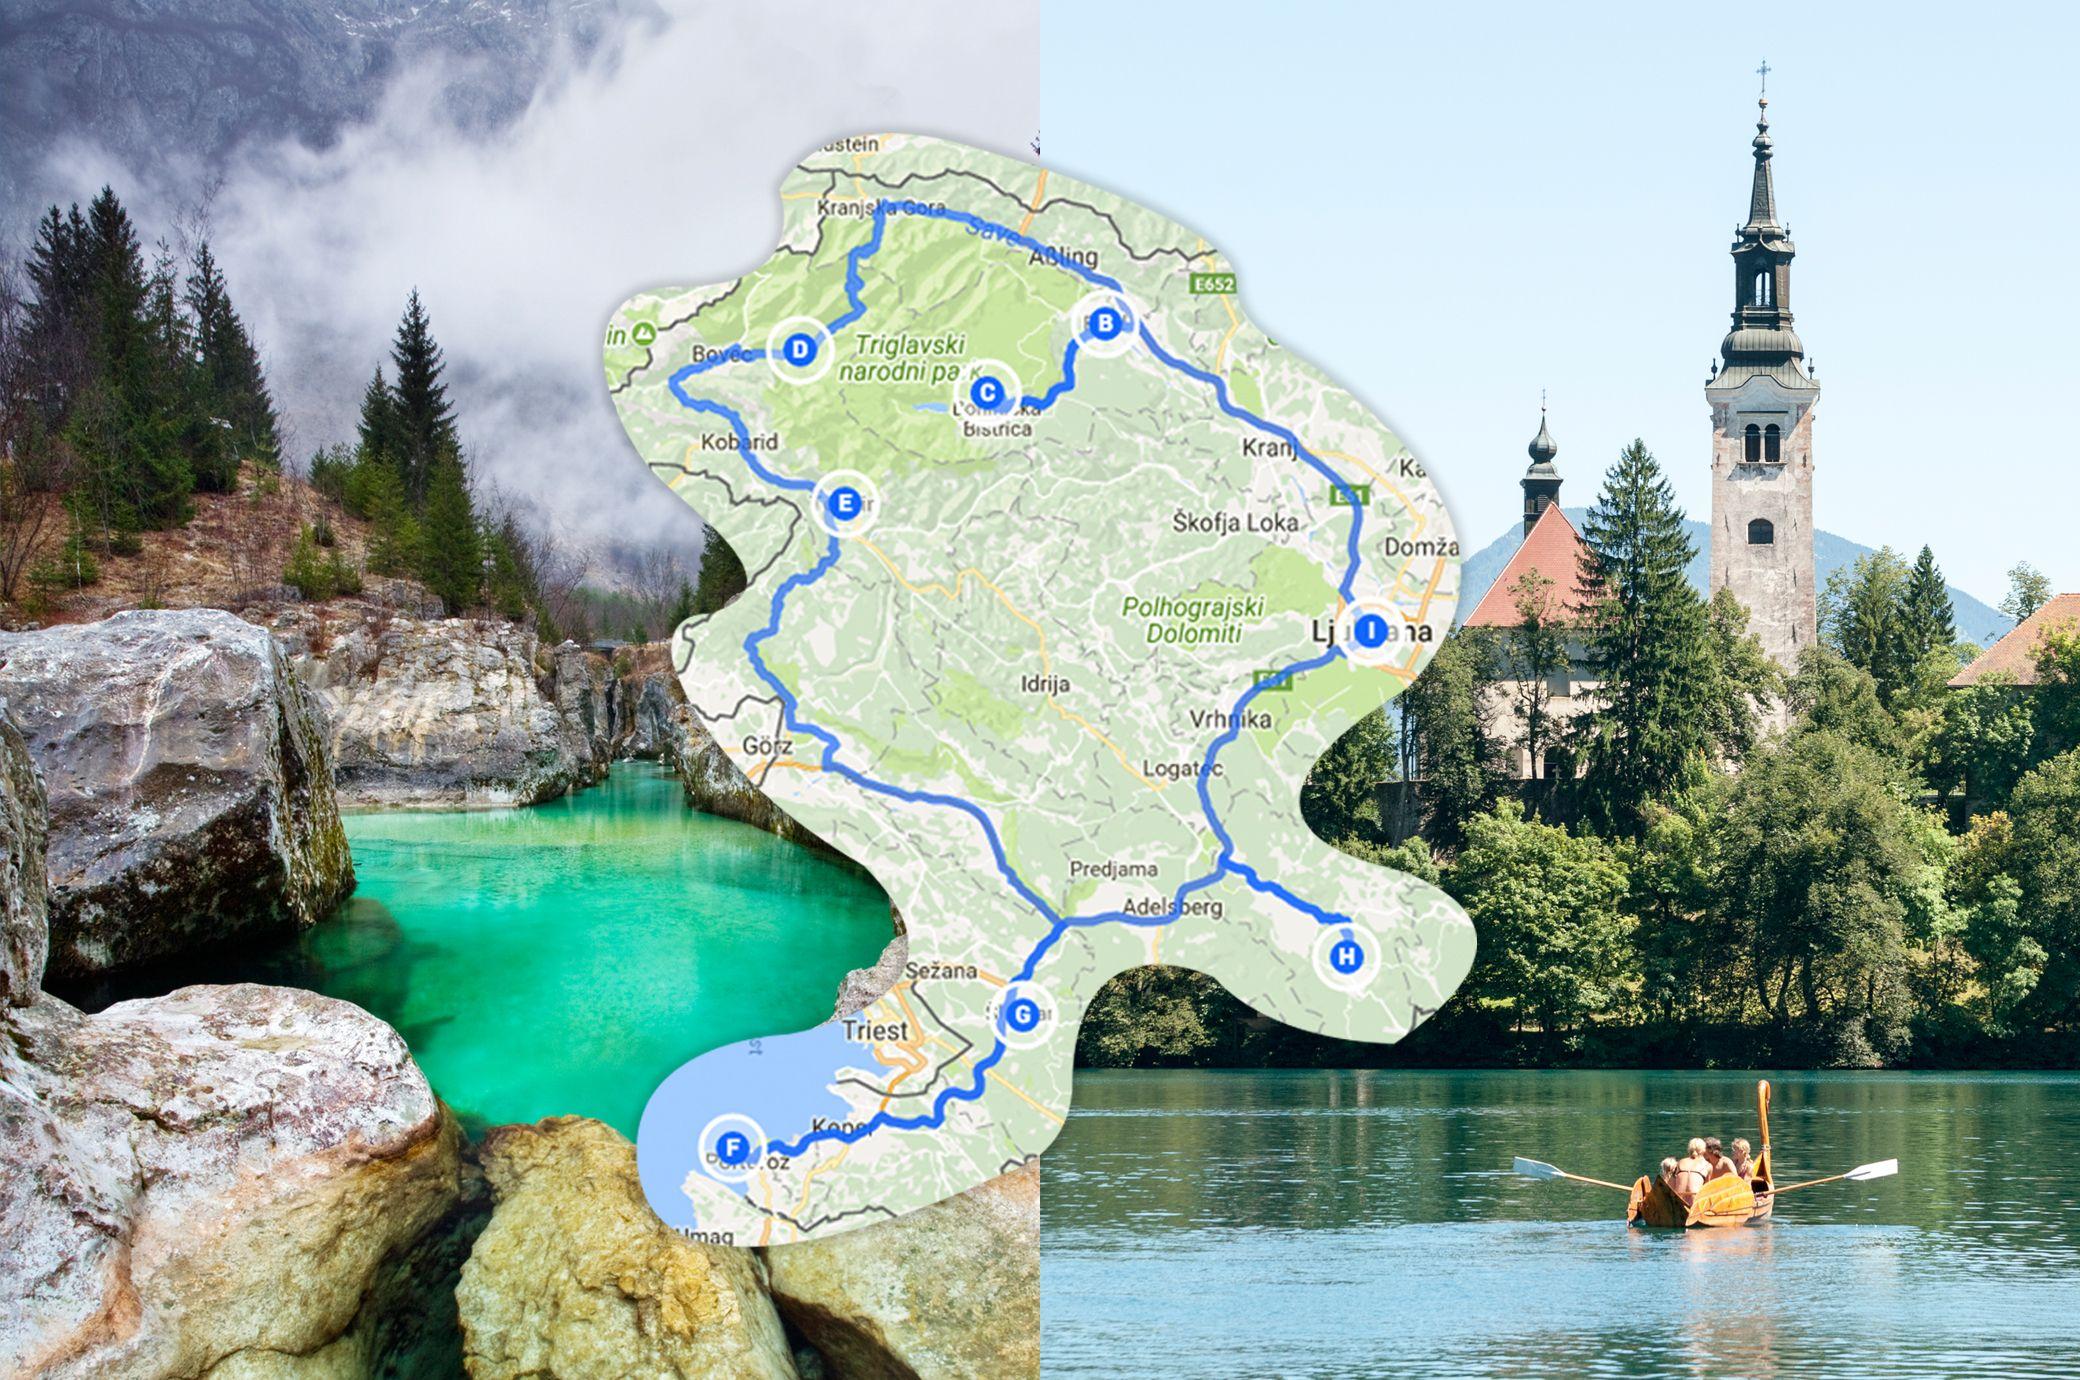 Este es el viaje por carretera perfecto a través de Eslovenia